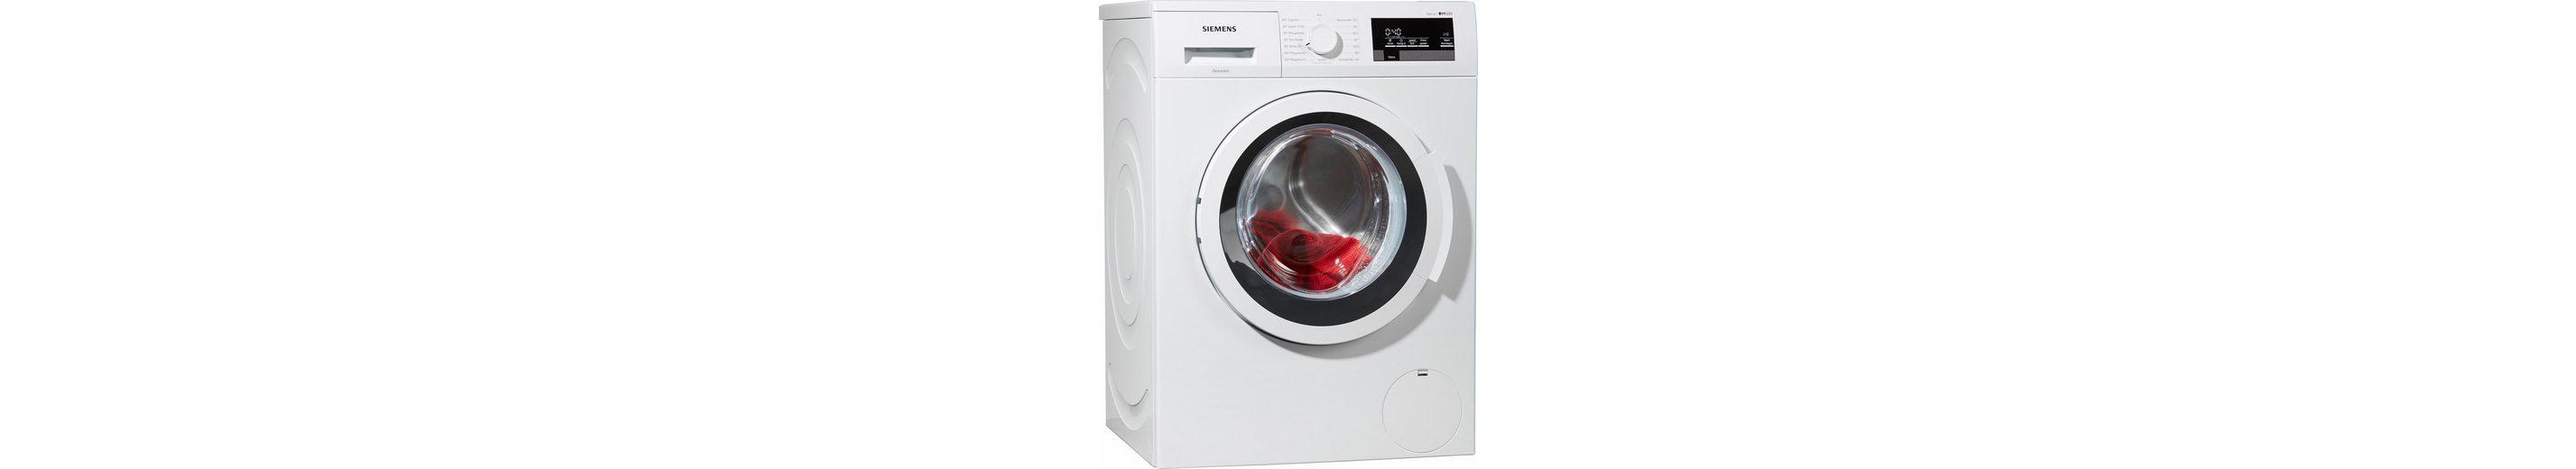 SIEMENS Waschmaschine WM14T3S30, A+++, 8 kg, 1400 U/Min